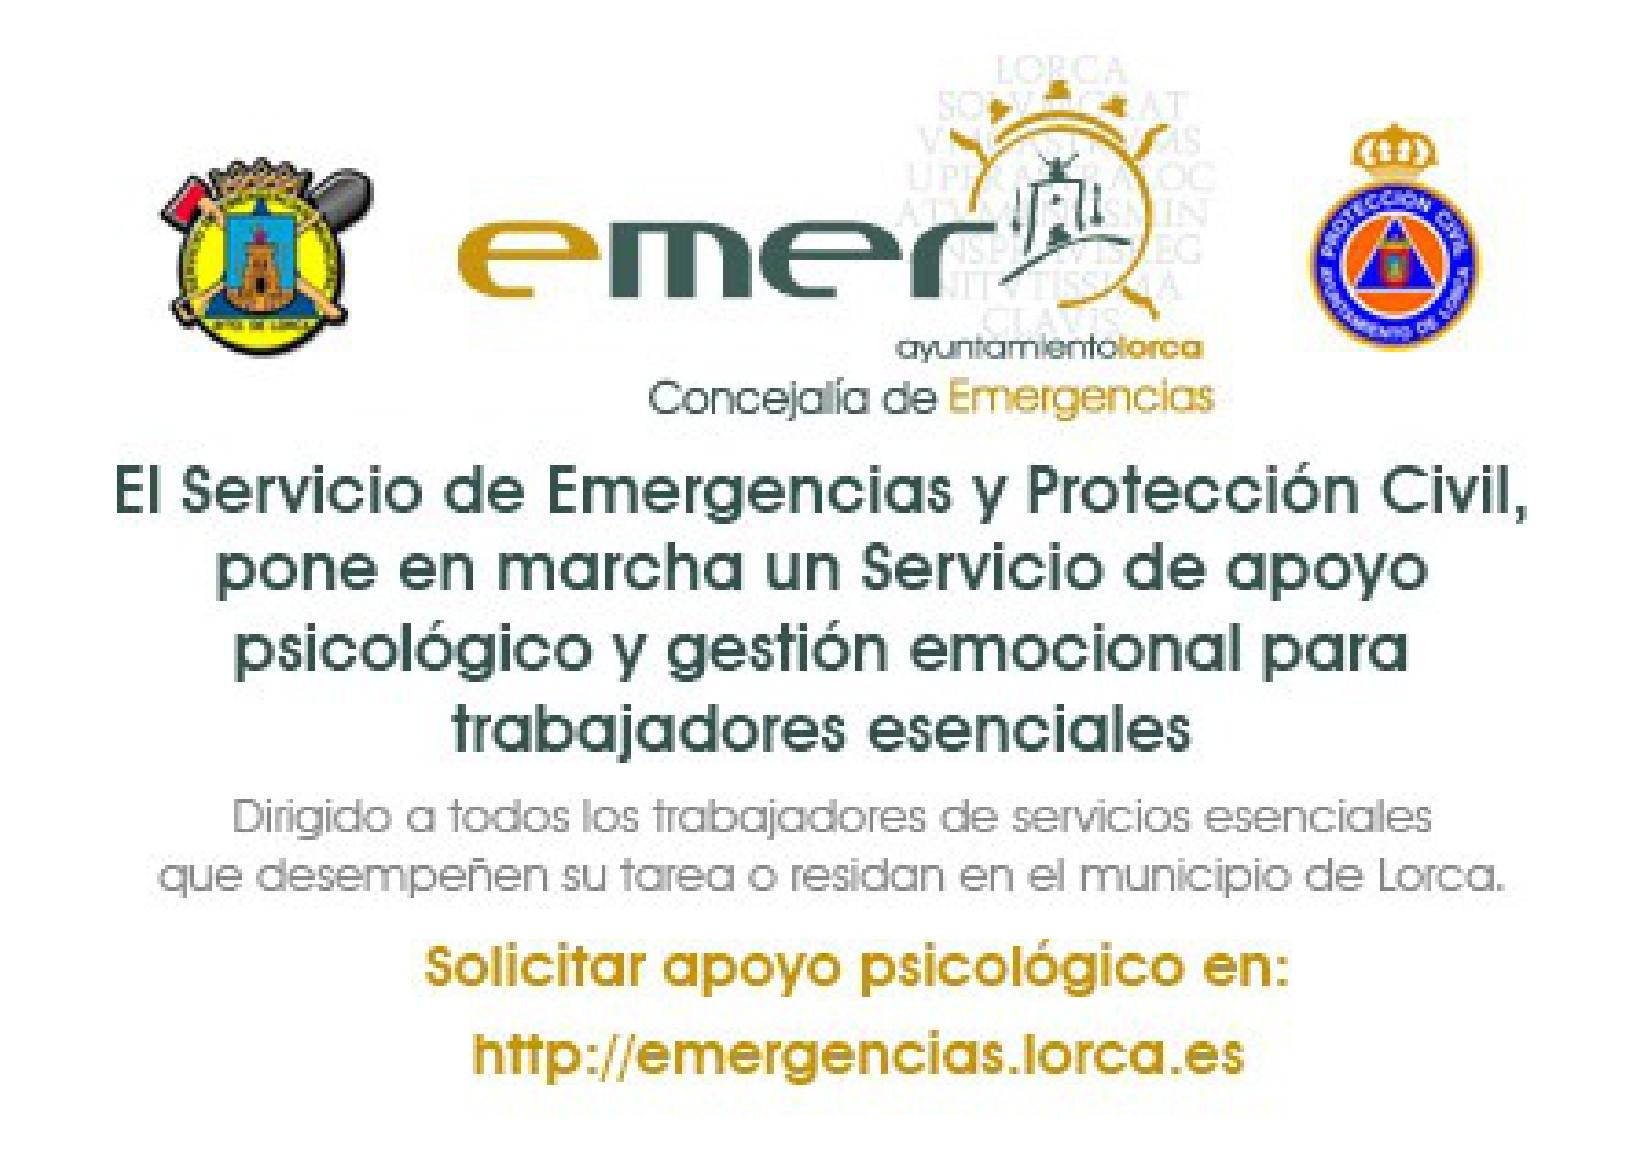 El Ayuntamiento de Lorca pone en marcha un servicio de apoyo psicológico dirigido a trabajadores de servicios esenciales